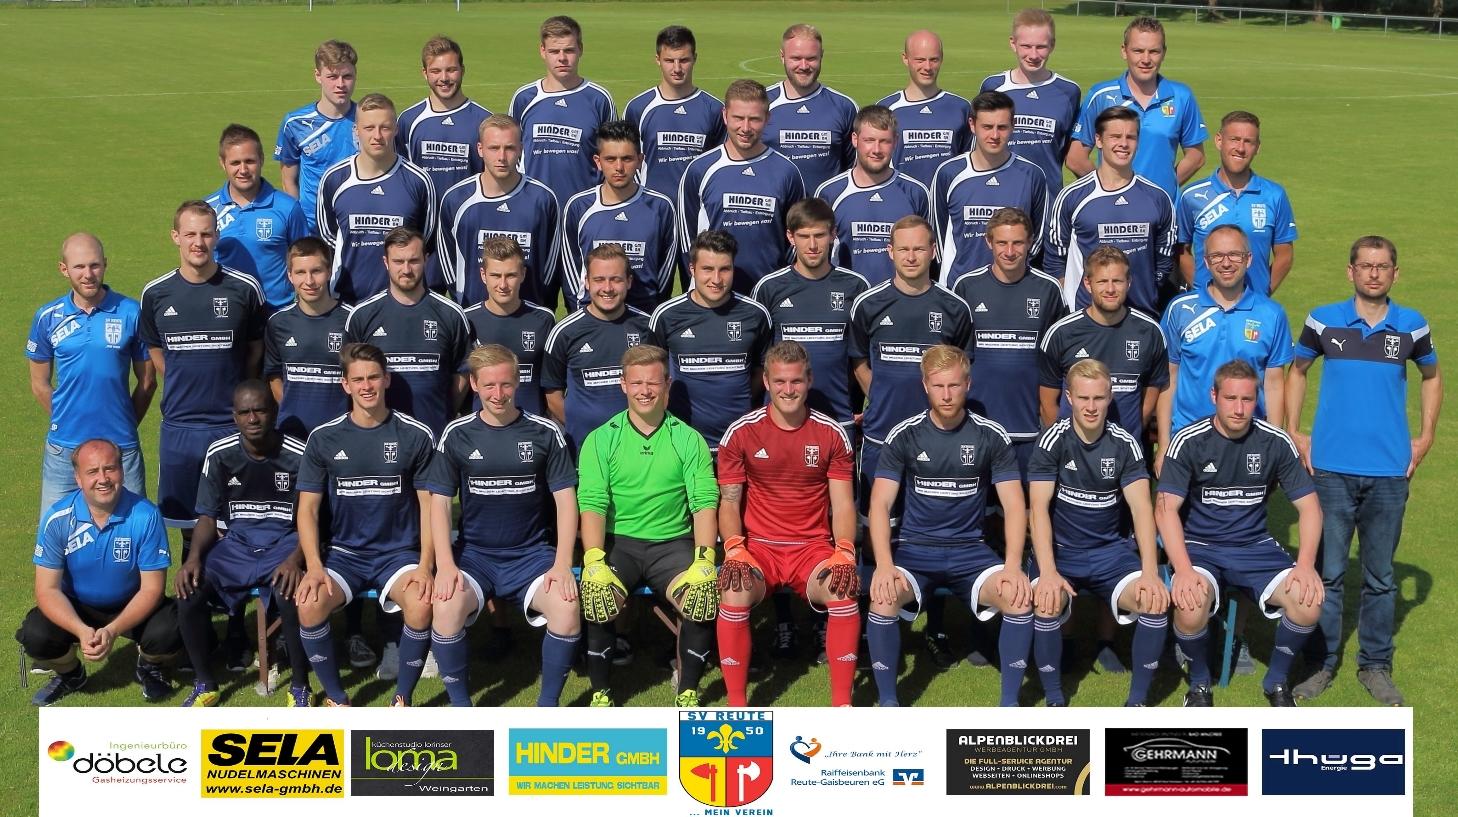 Mannschaftsfoto 2016-2017 mit Sponsorenlogo (unten)